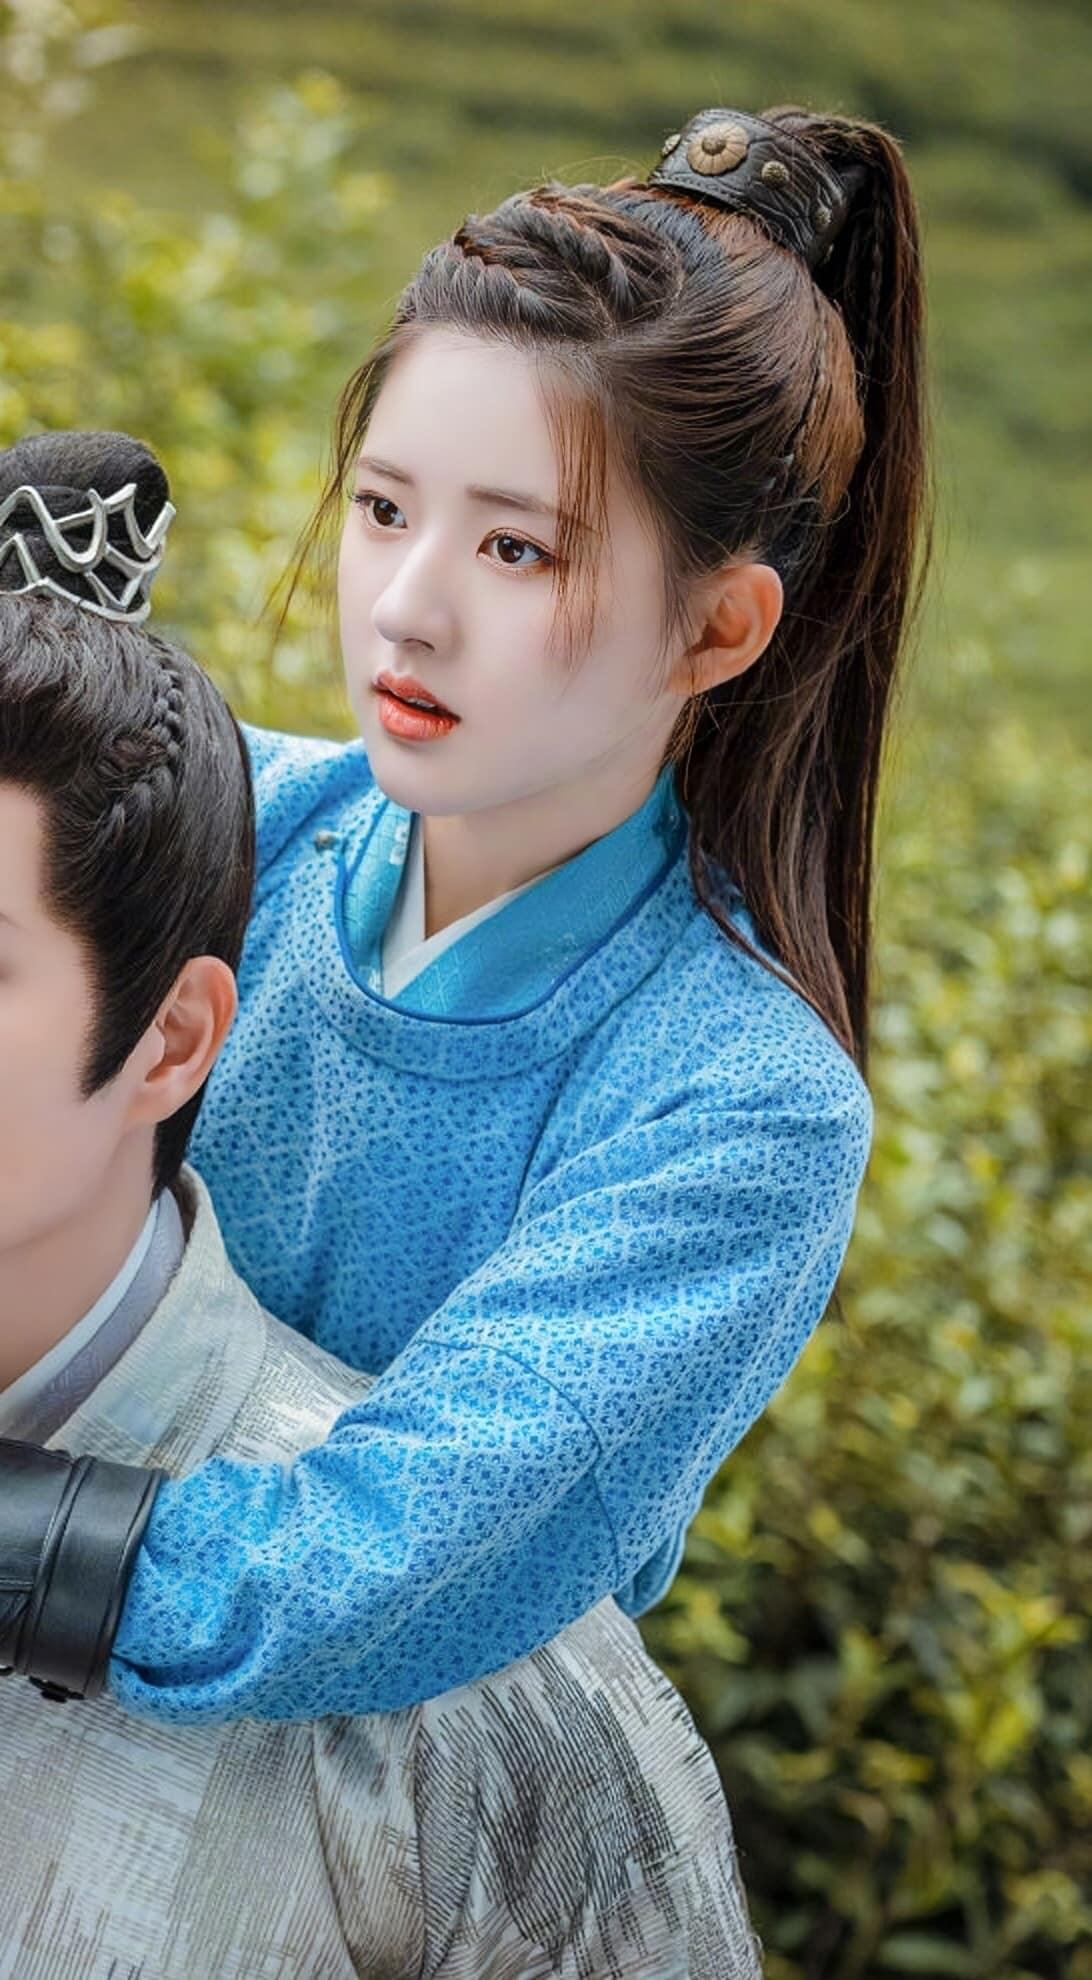 """Triệu Lộ Tư phim mới """"Mỹ nhân trà xanh"""" Triệu Lộ Tư lại thành trò cười cho netizen vì mái tóc nhuộm """"lệch pha"""" khi đóng phim cổ trang - Ảnh 6."""